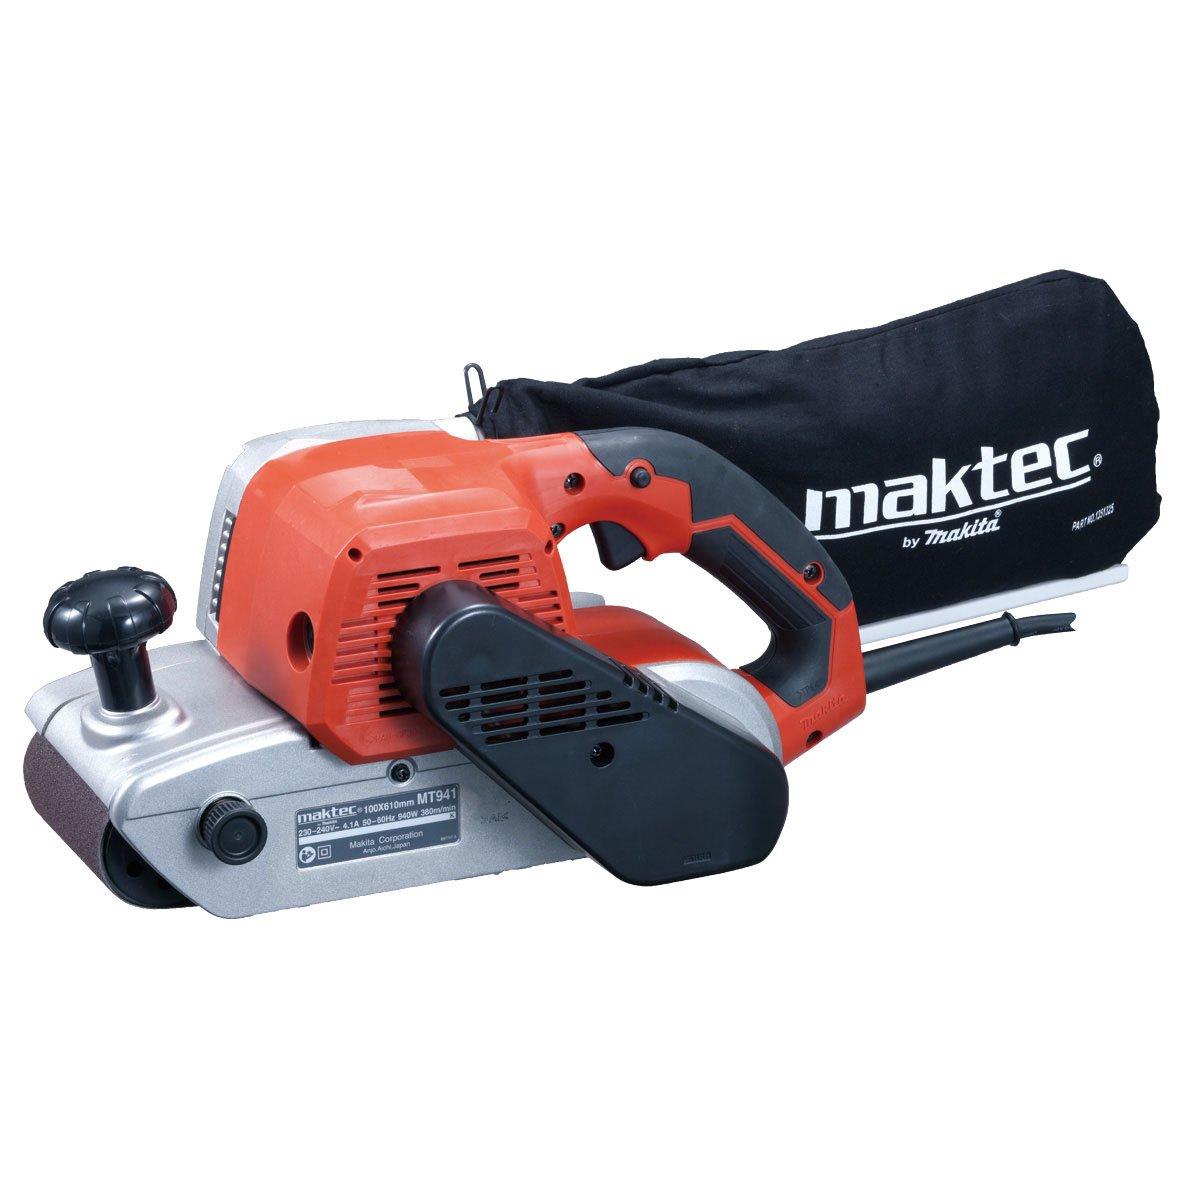 Makita maktec MT941 Bandschleifer 940 Watt  BaumarktKundenbewertung und weitere Informationen